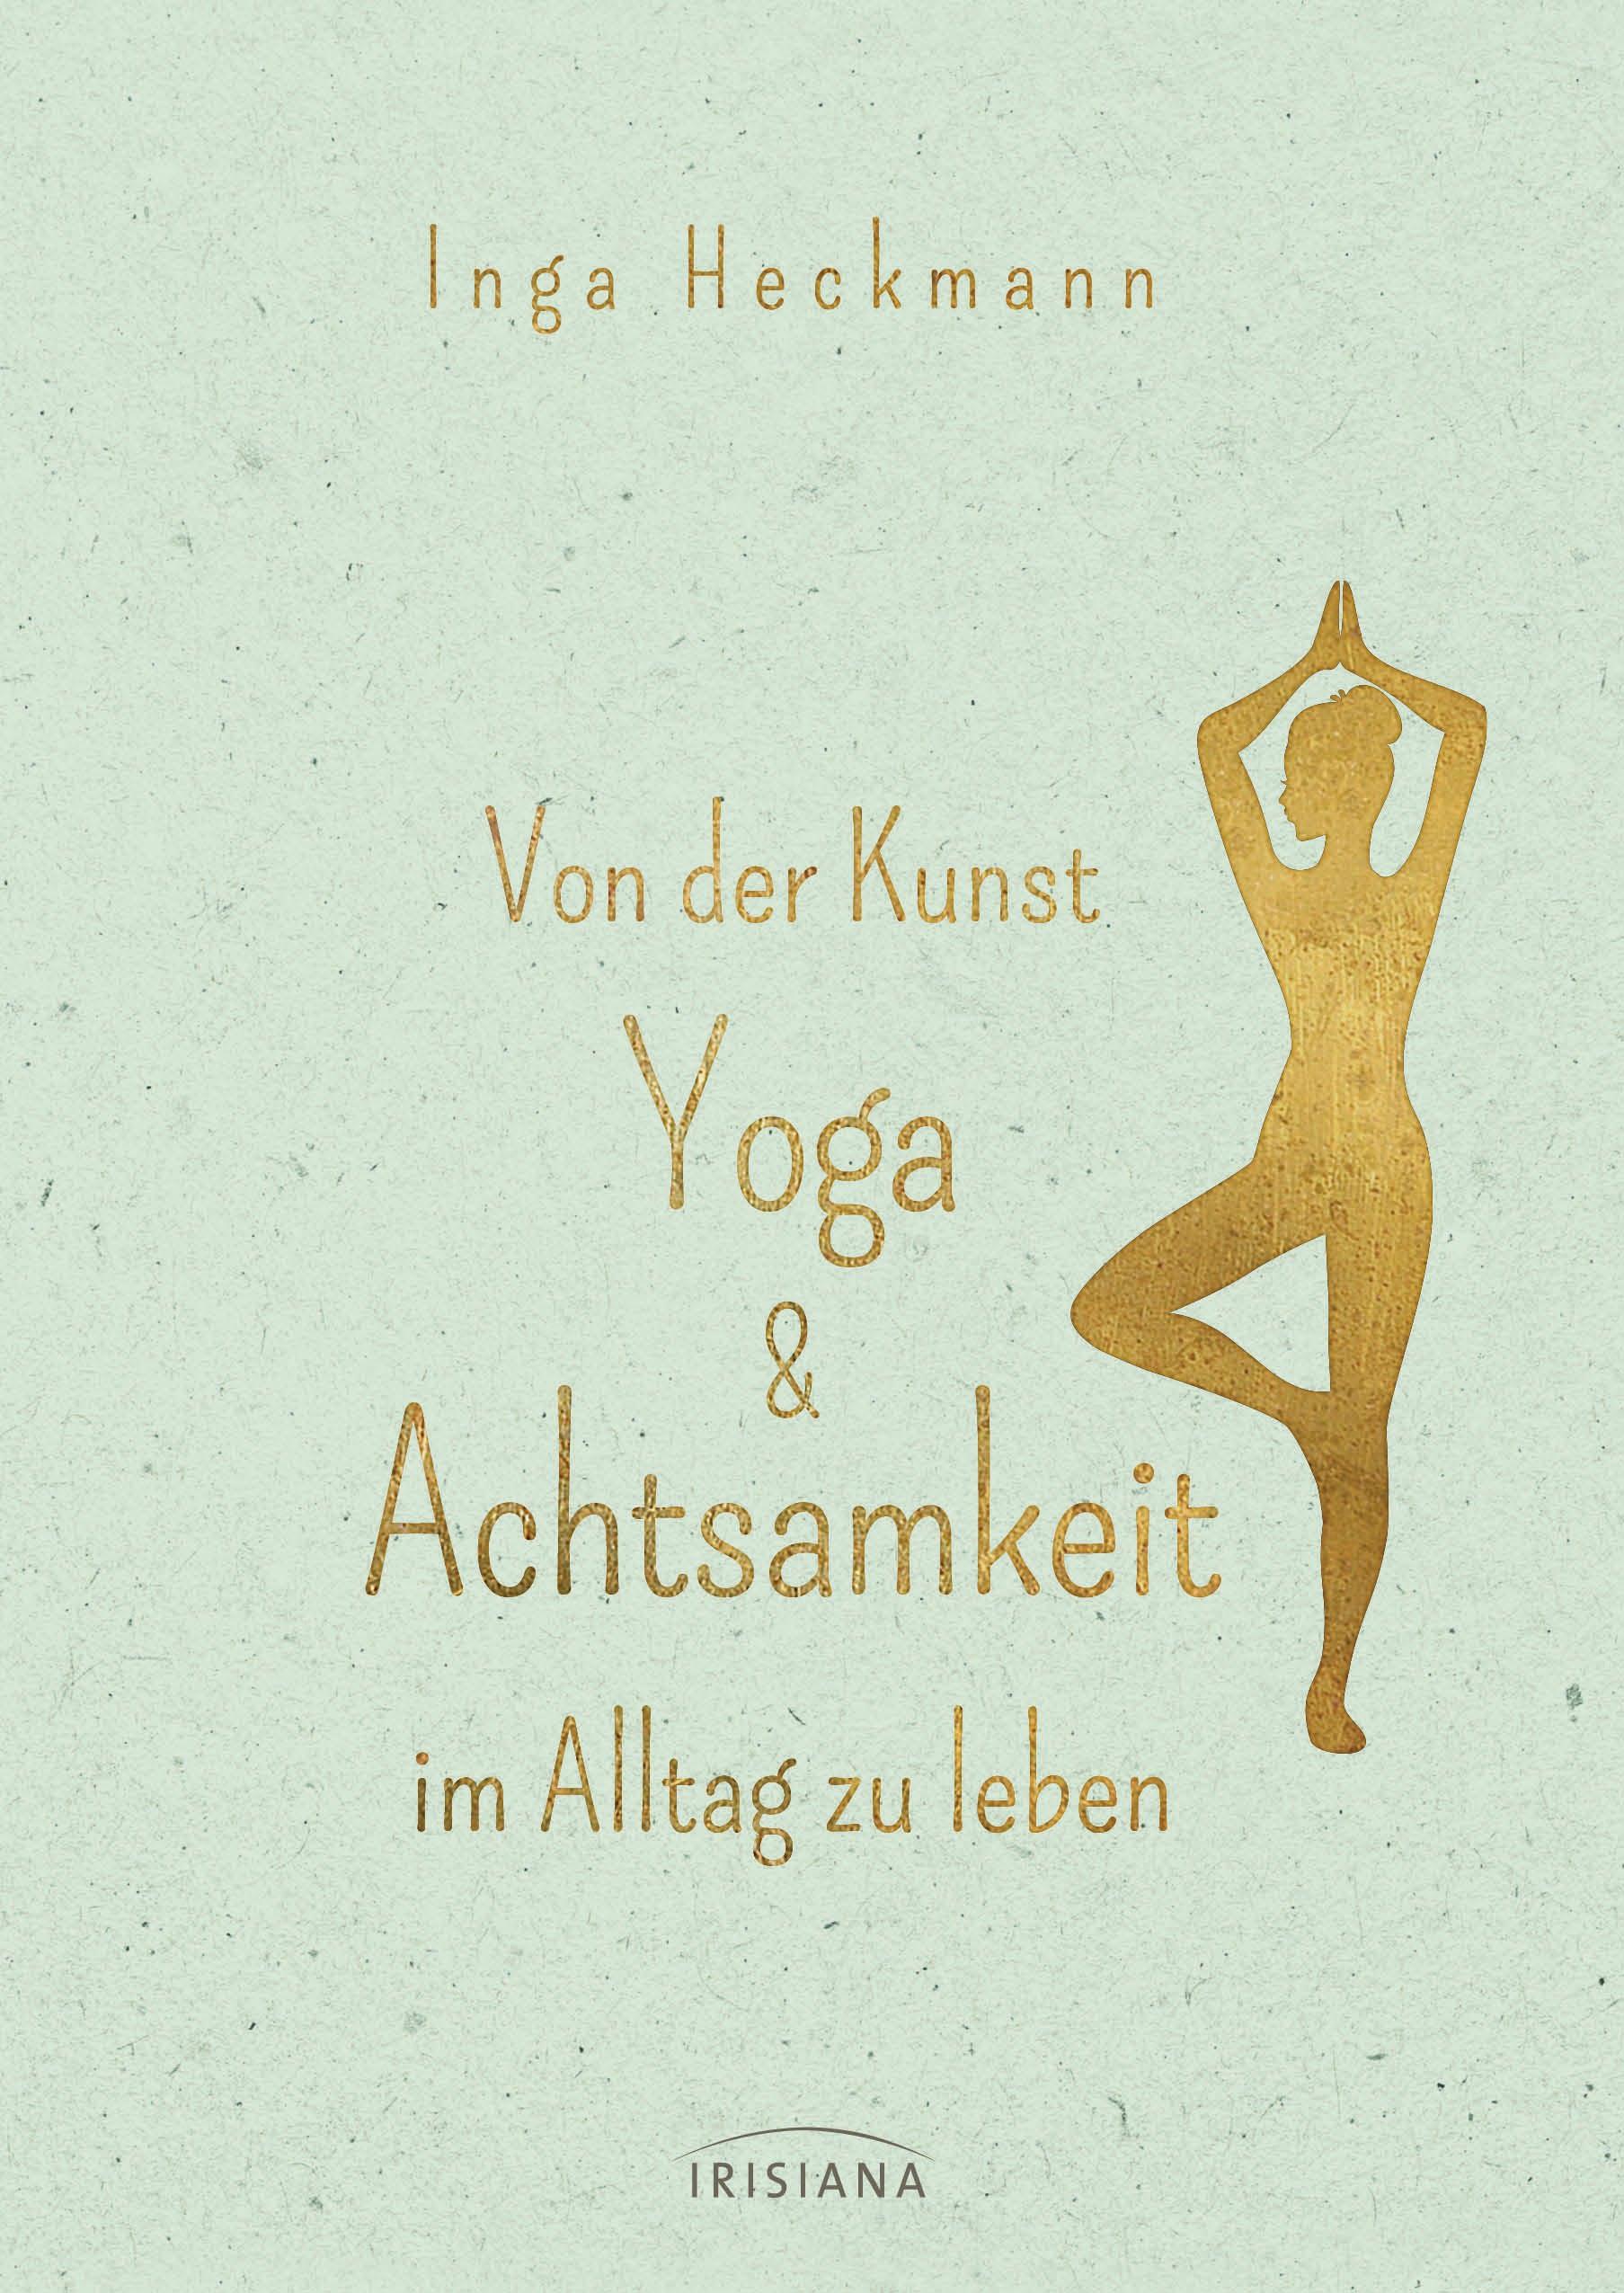 Von der Kunst Yoga Achtsamkeit im Alltag zu leben von Inga Heckmann